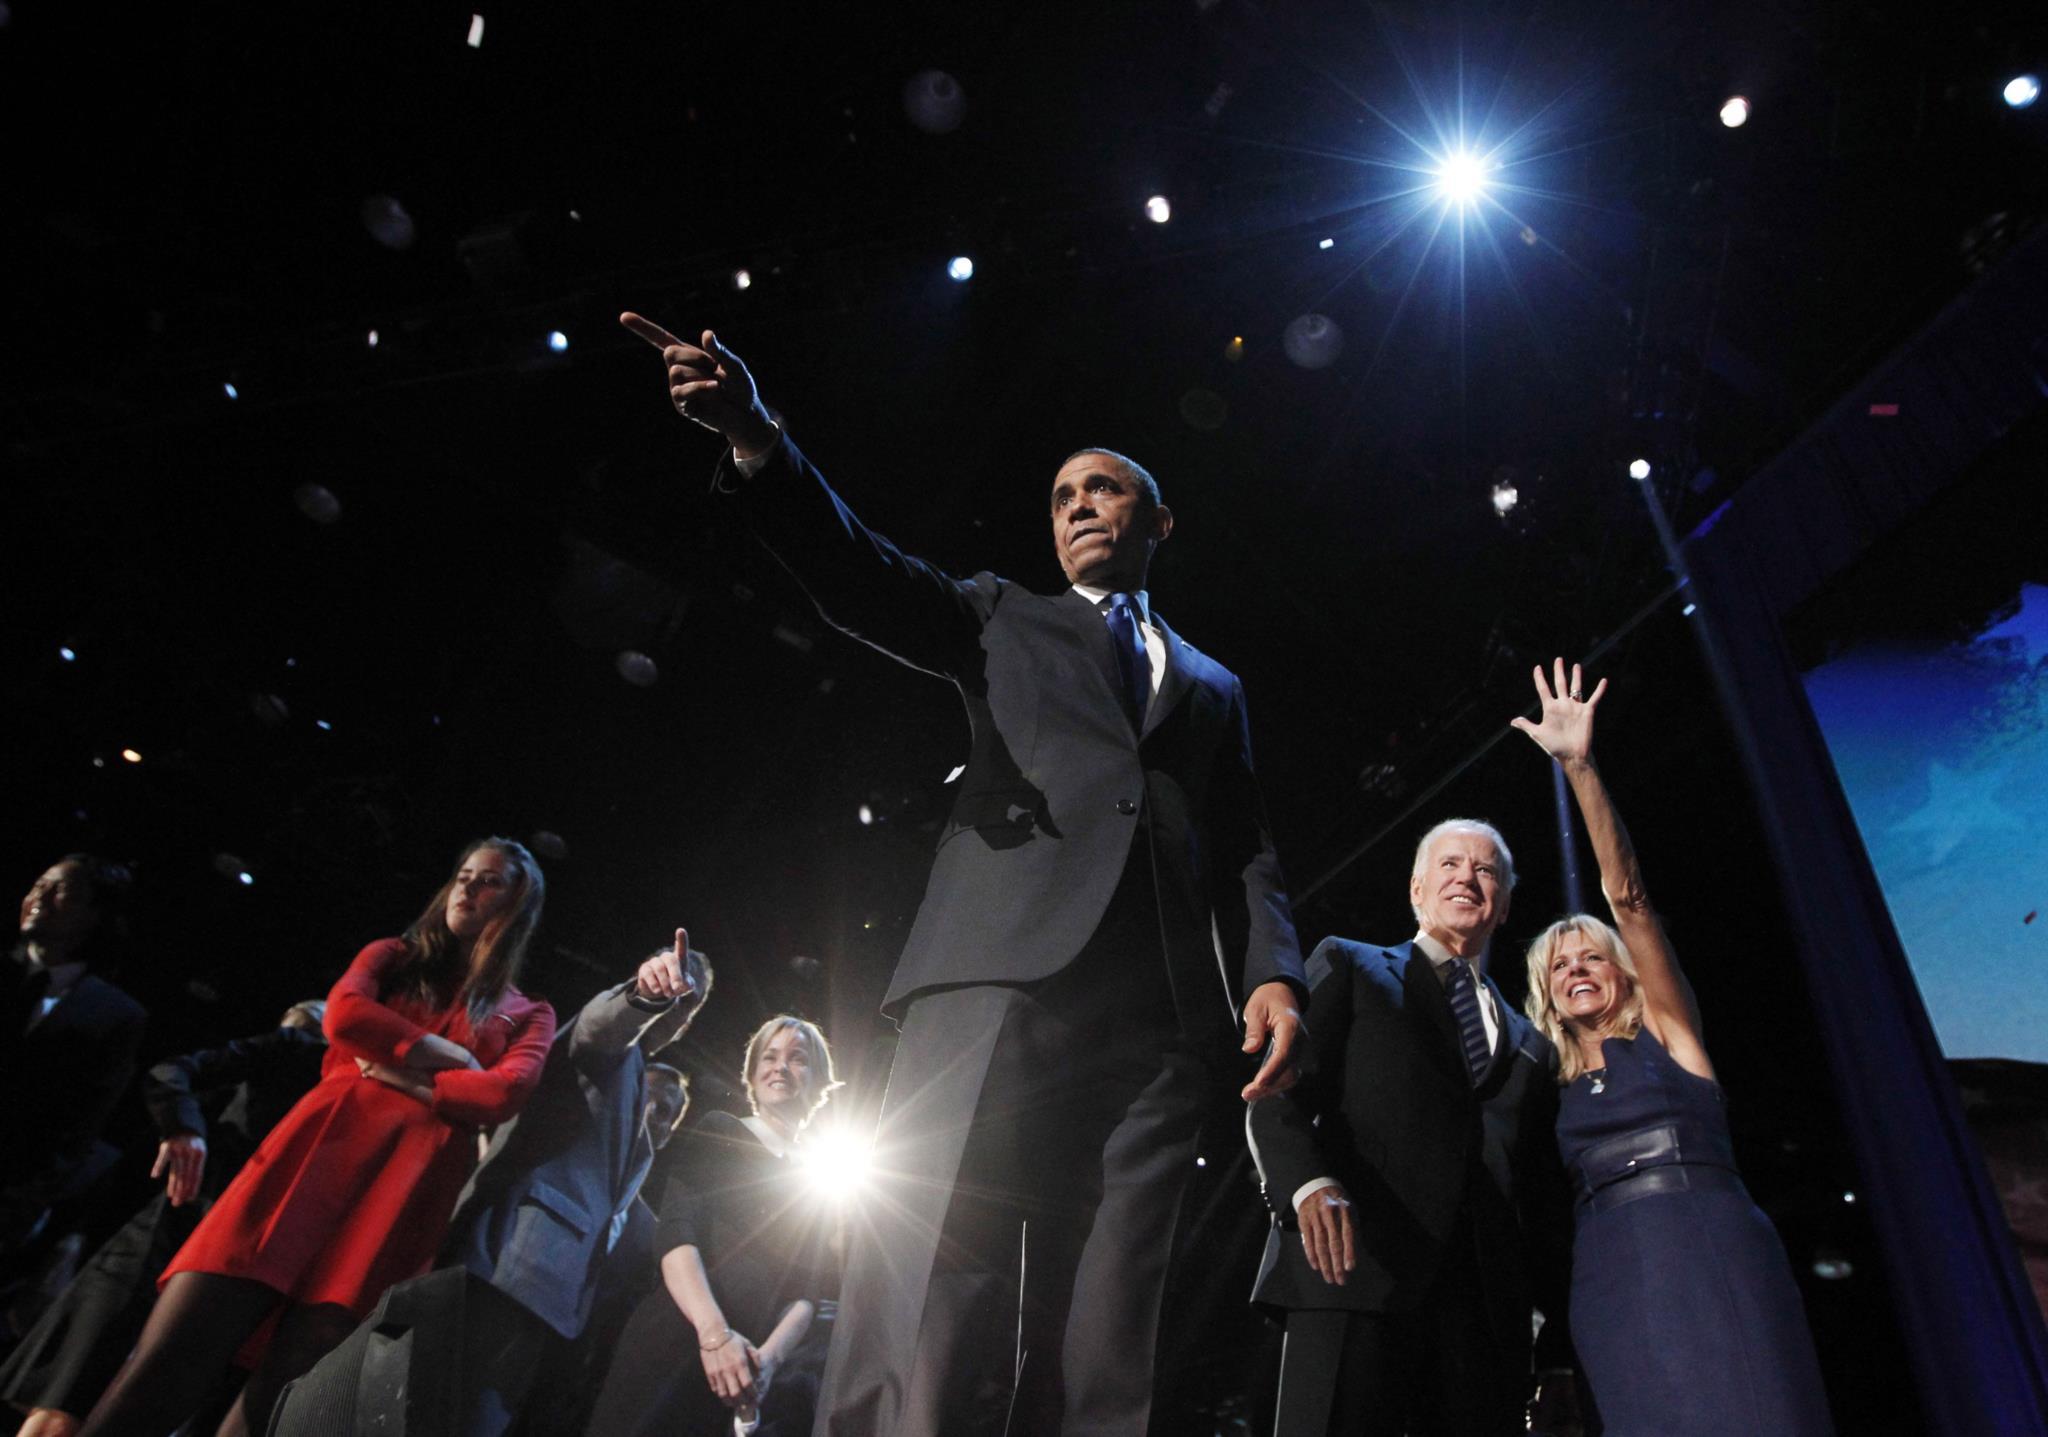 Noite da vitória eleitoral do segundo mandato de Obama em Chicago, 2012